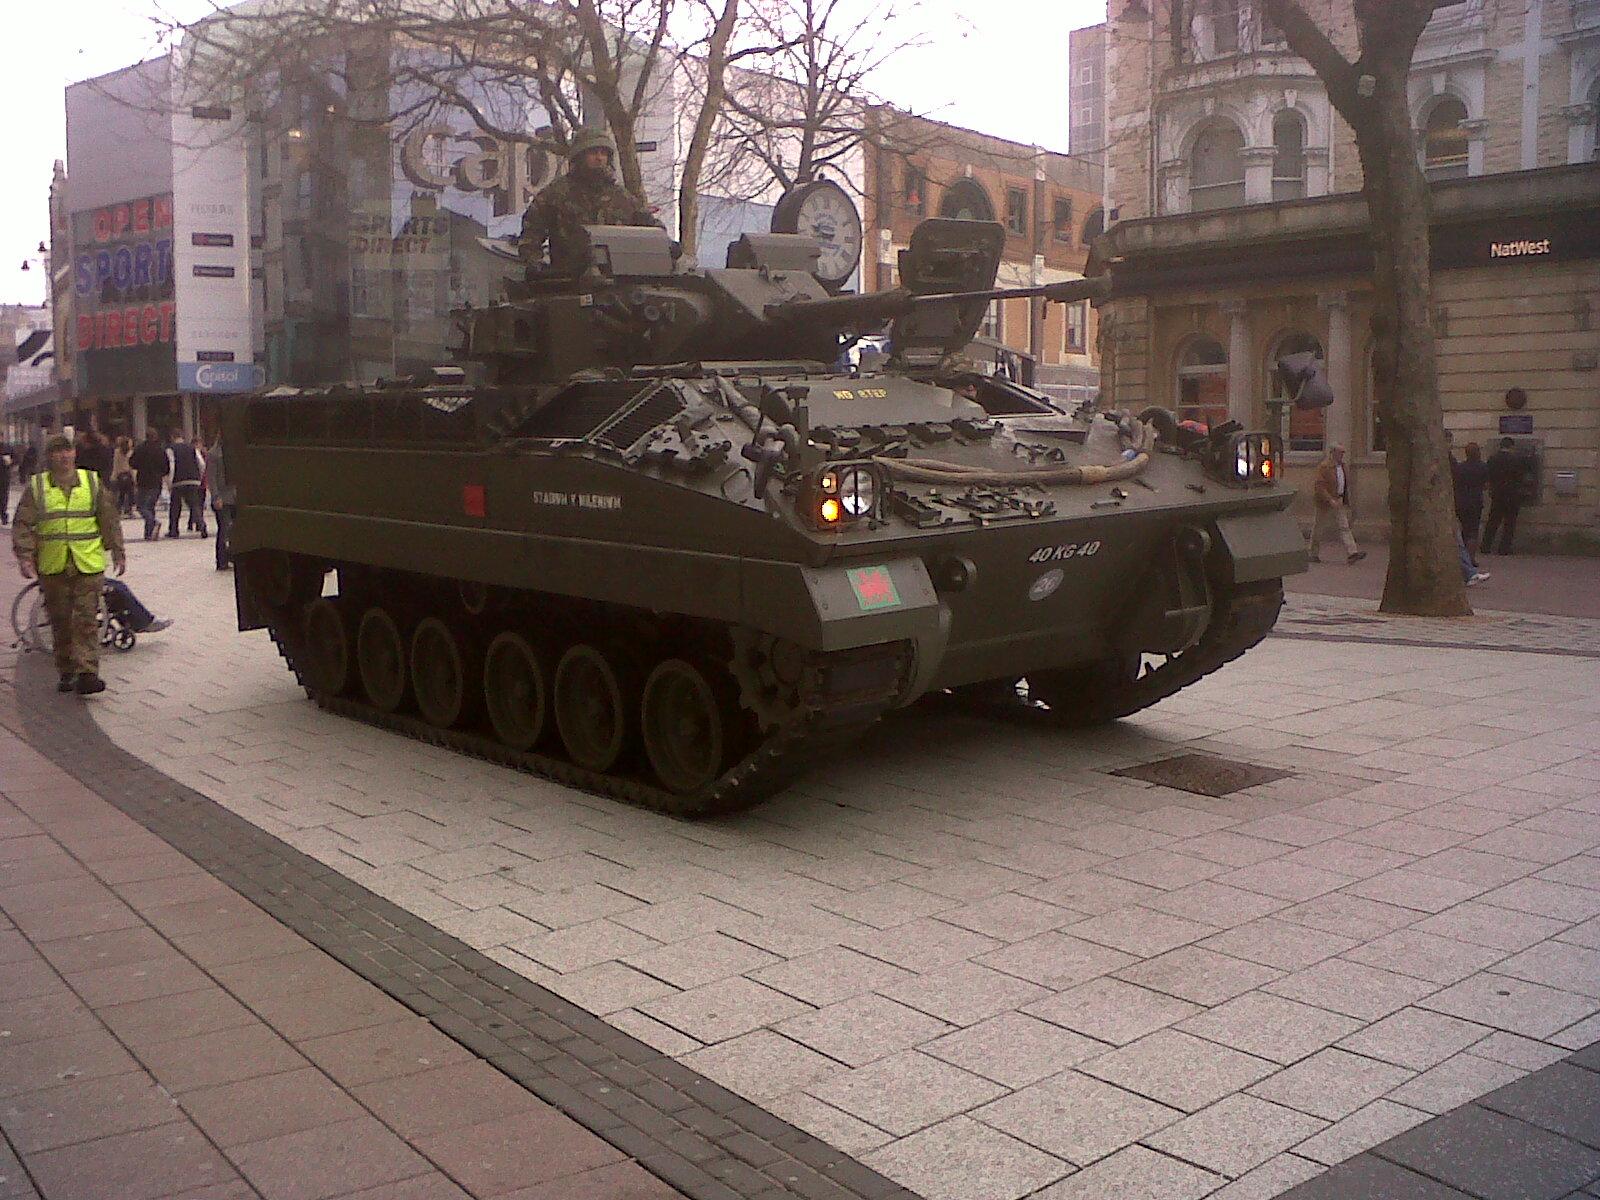 نتيجة بحث الصور عن Tank + street